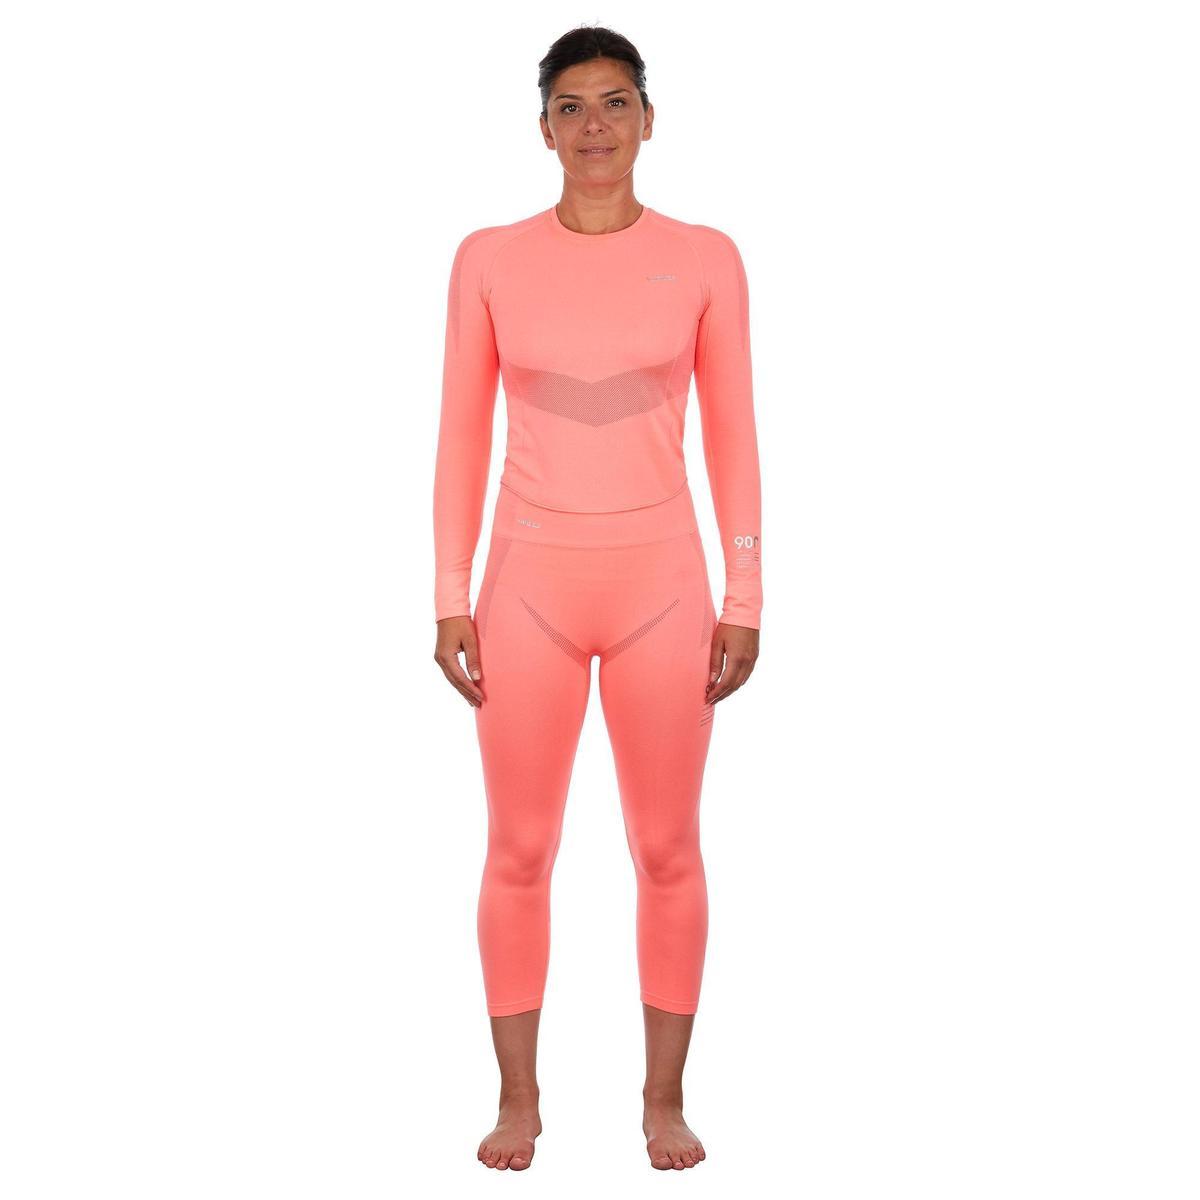 Bild 3 von Skiunterwäsche Funktionshose 900 Damen rosa